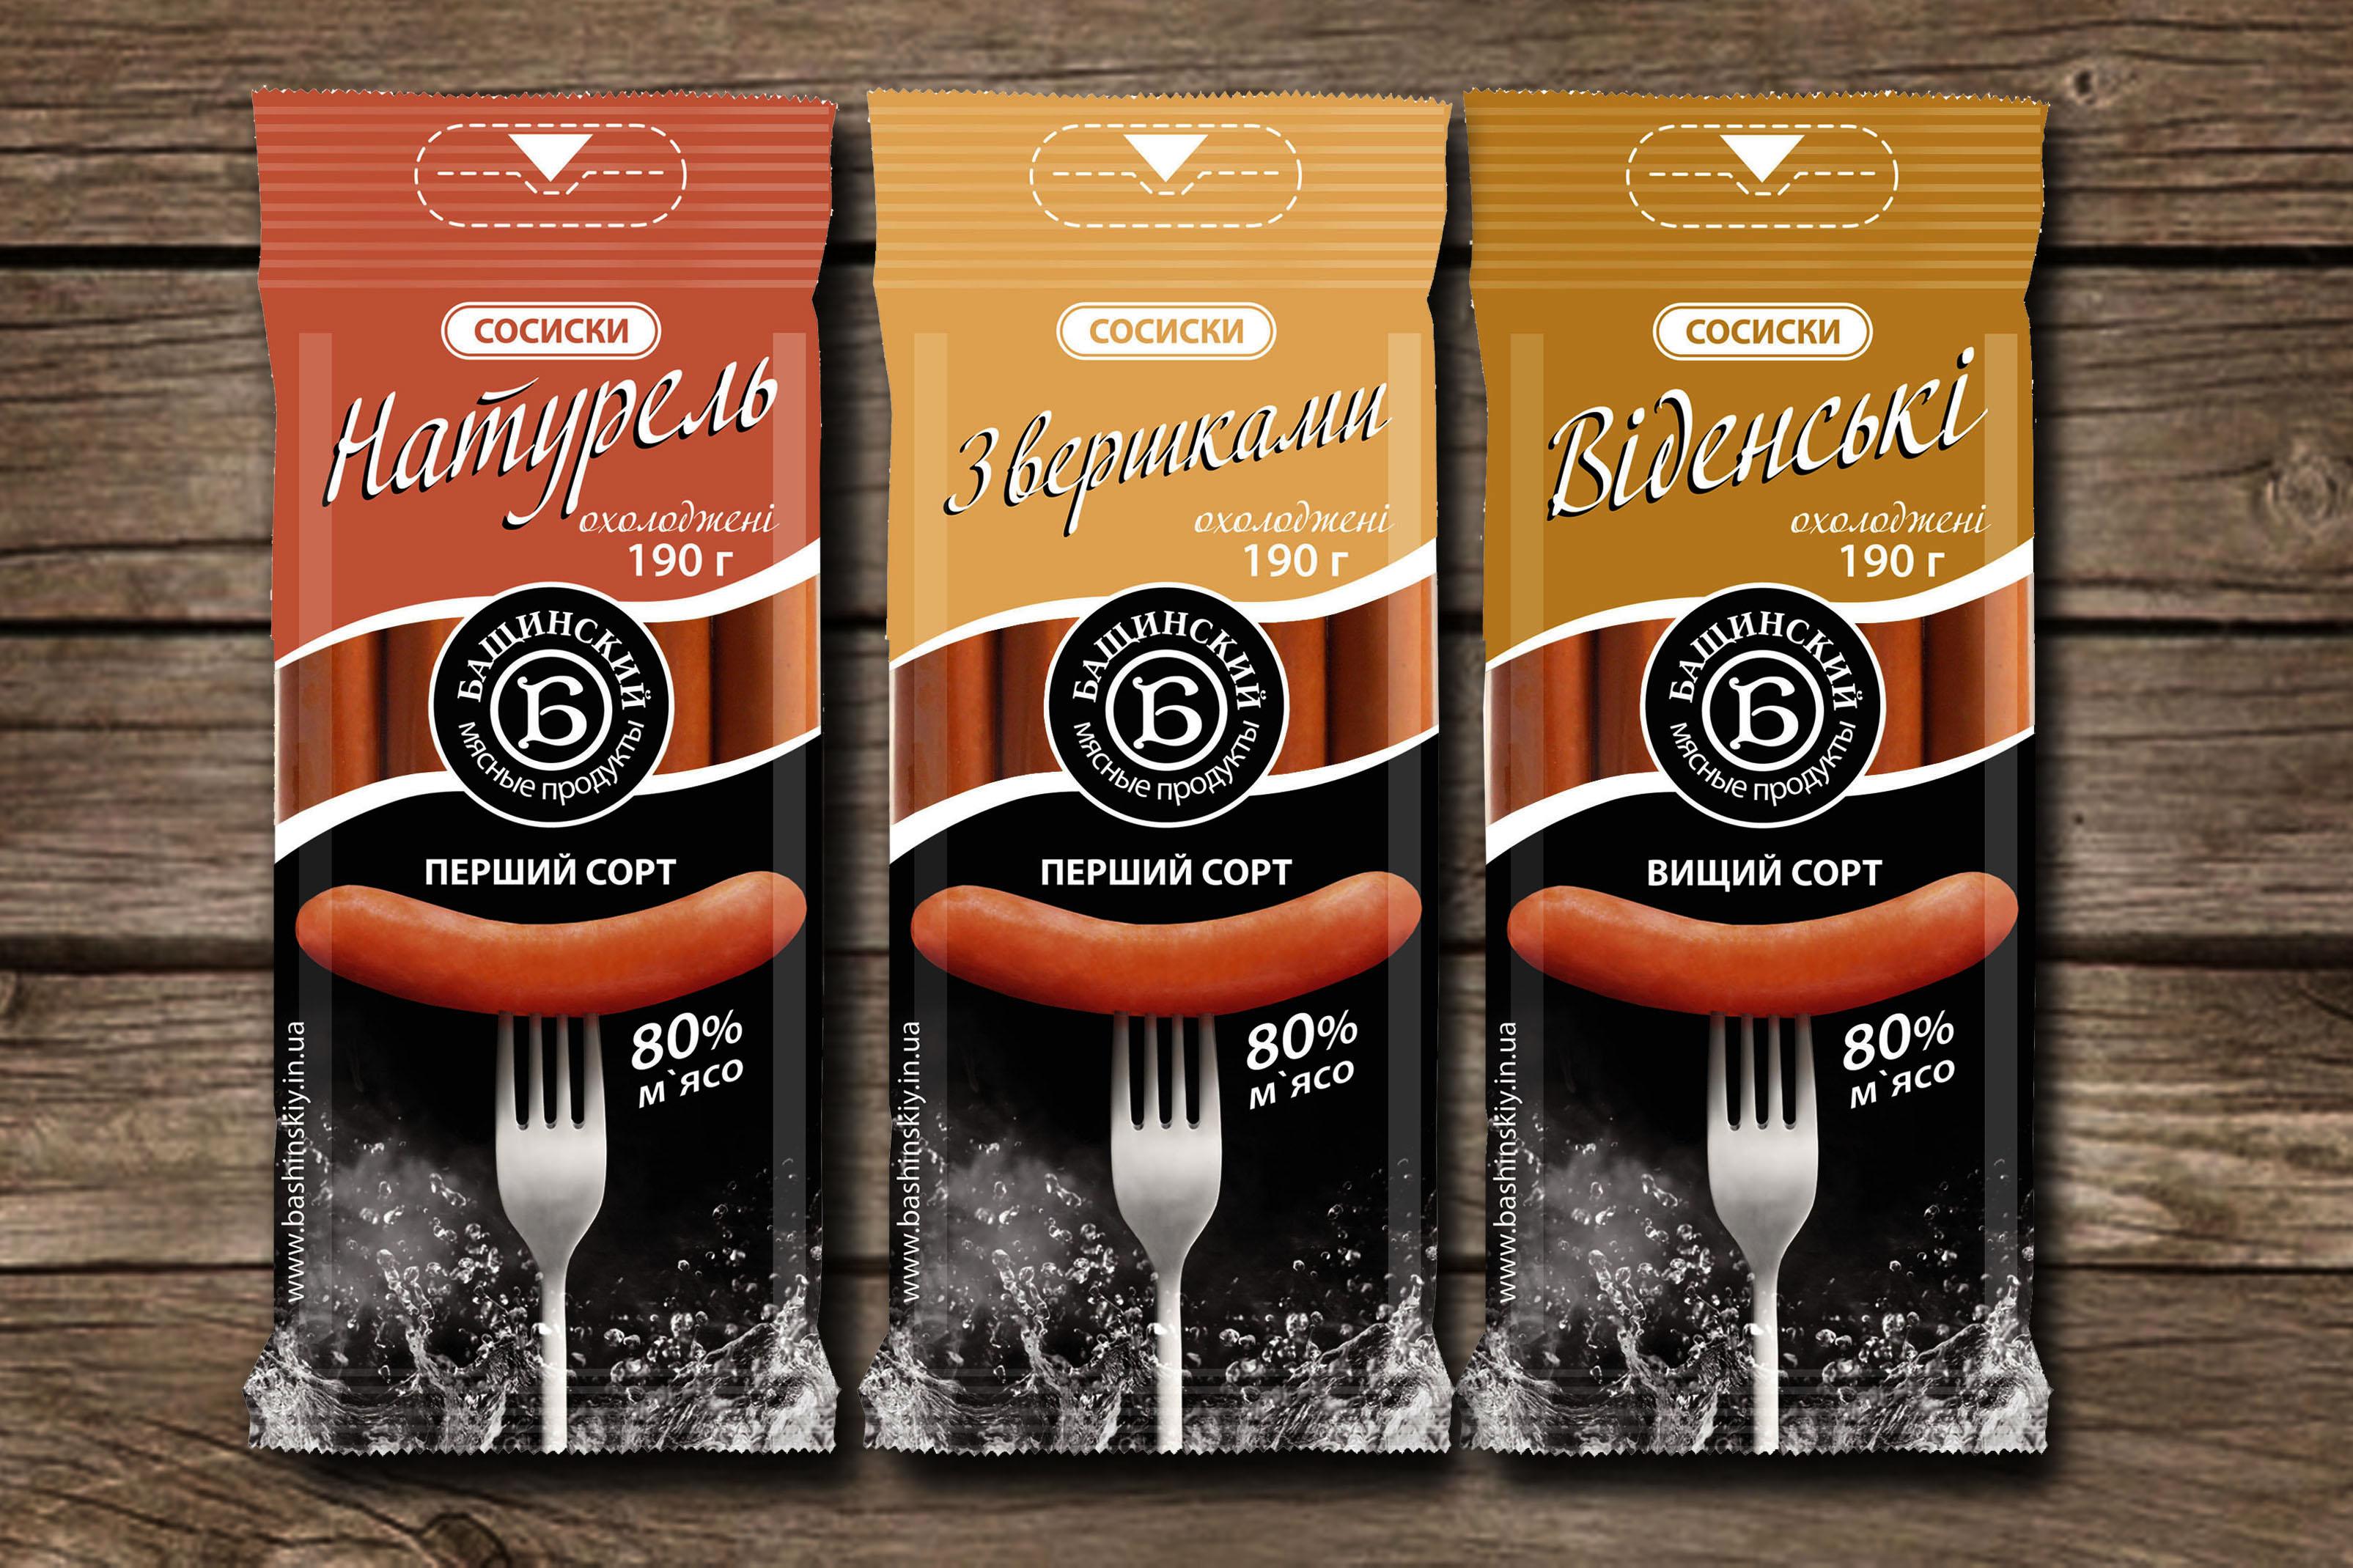 Дизайн по сосискам